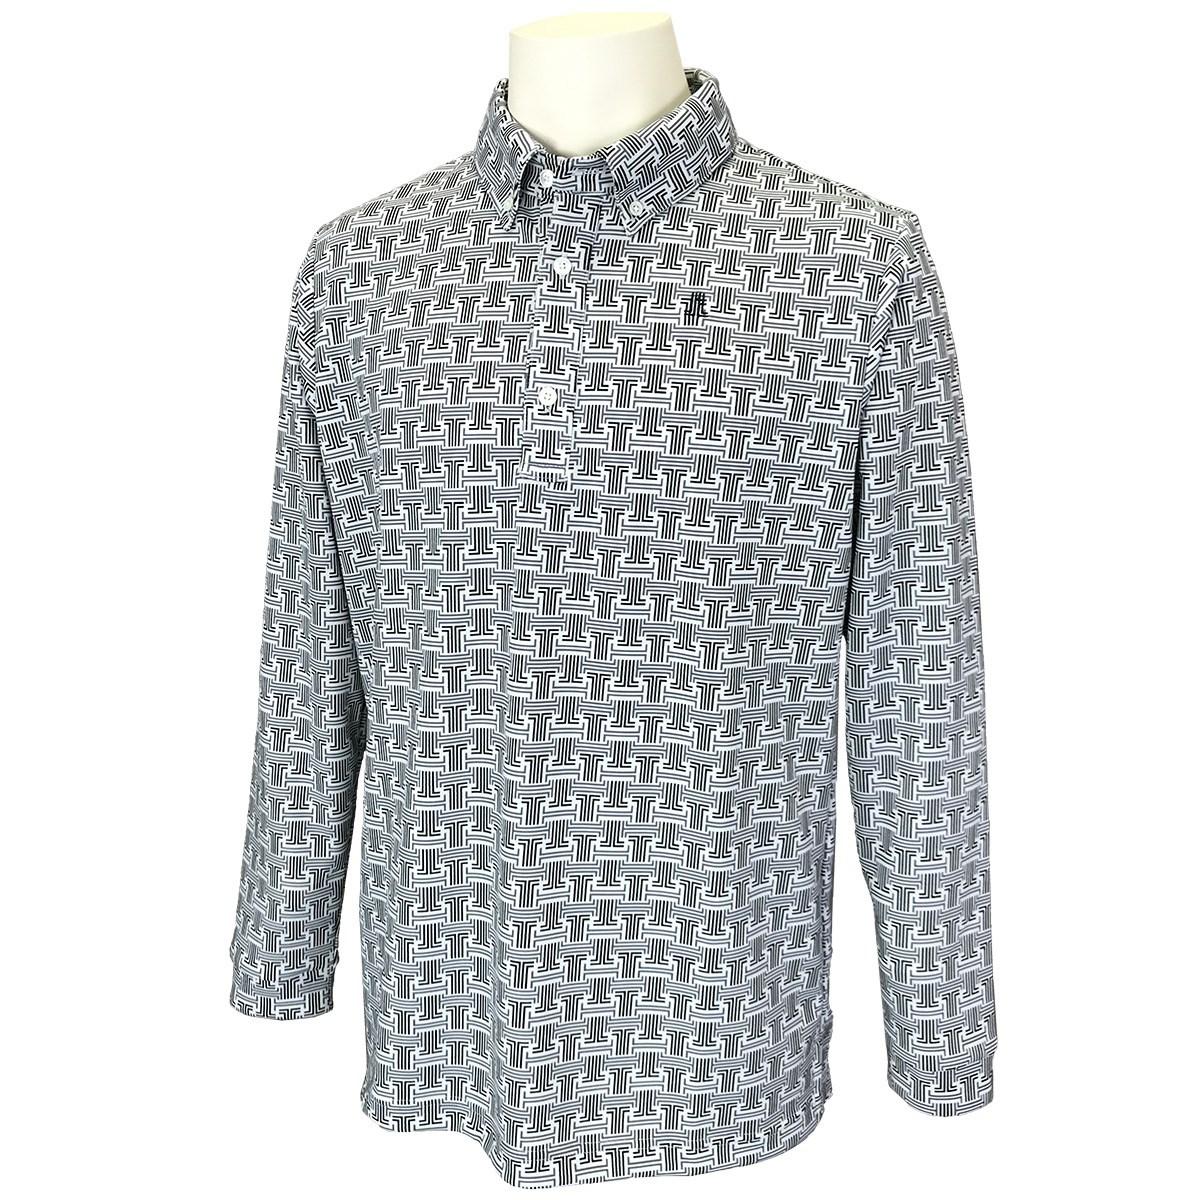 ランバン スポール(LANVIN SPORT) JLモノグラムロゴプリント長袖ポロシャツ